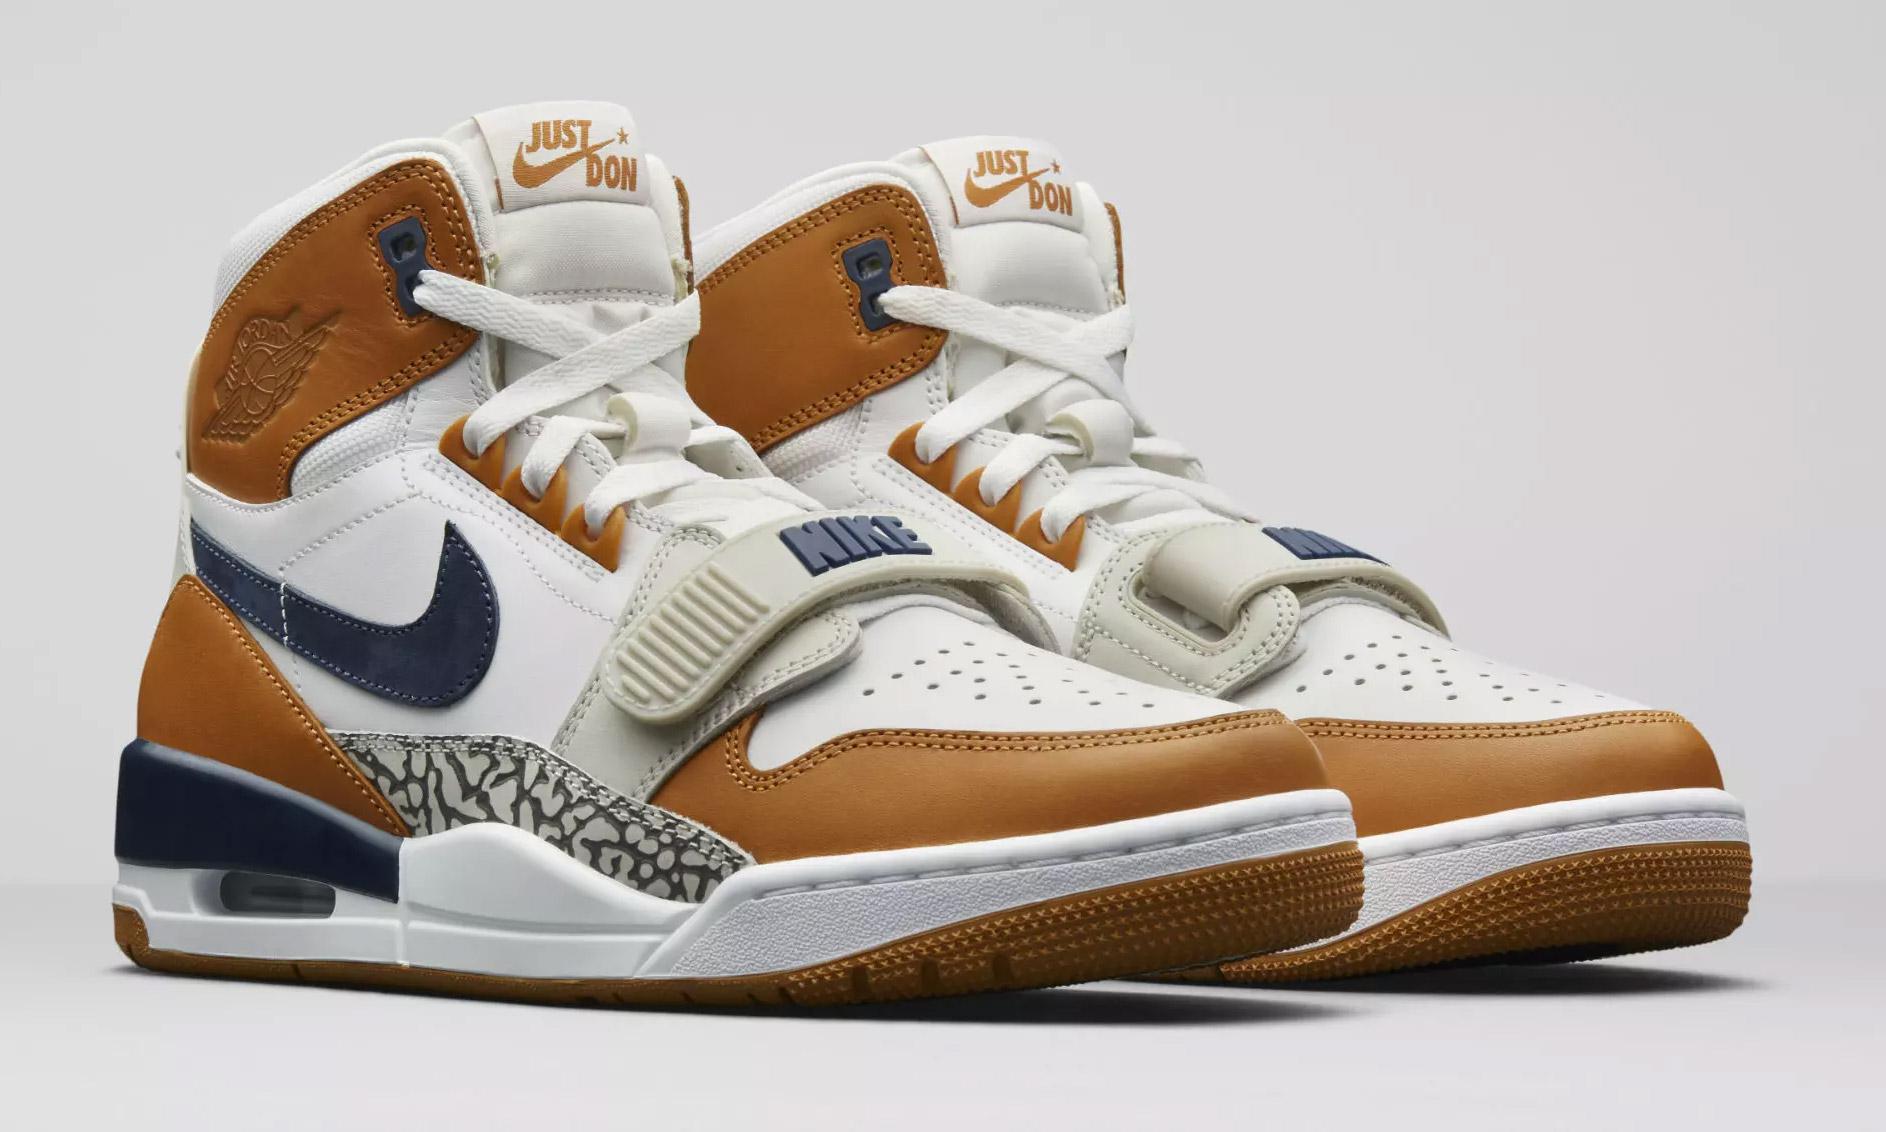 惊喜还在继续!Nike SNEAKRS 为欧洲用户免费送上限定鞋款